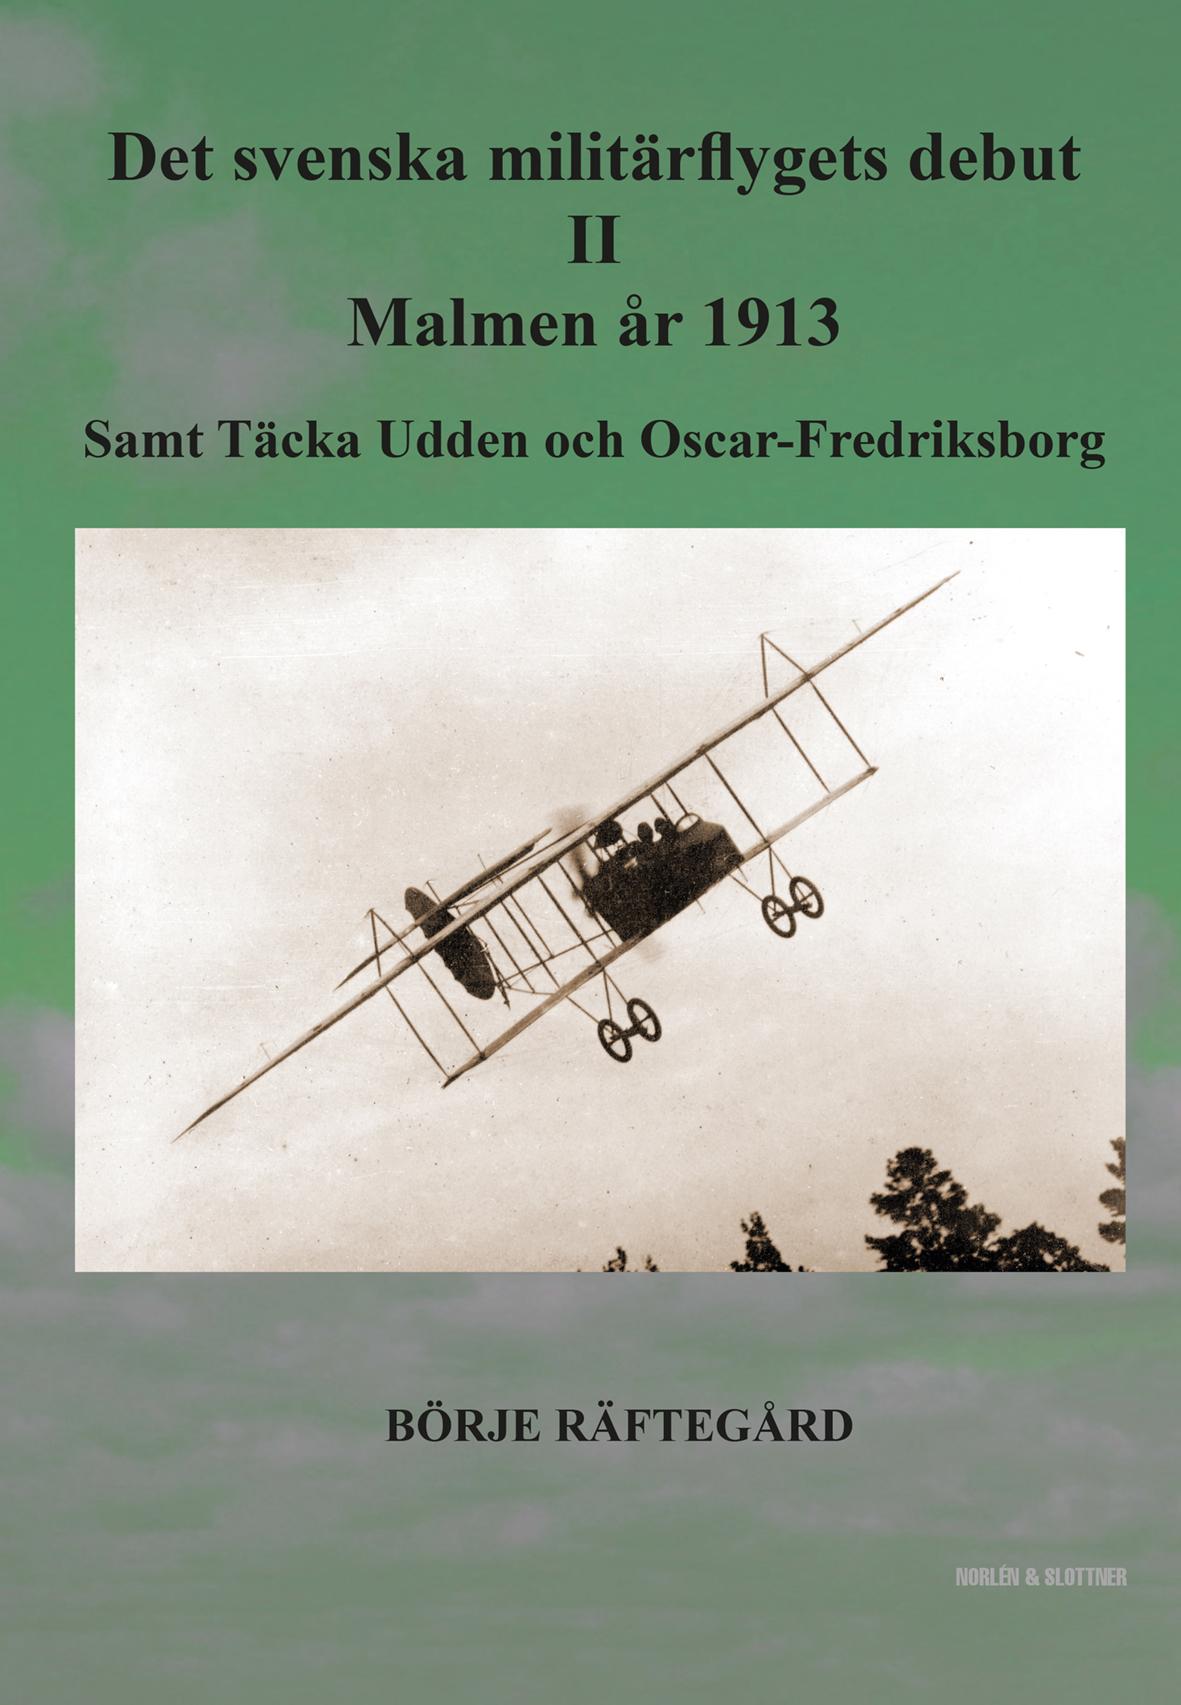 Det svenska militärflygets debut II – Malmen år 1913-0